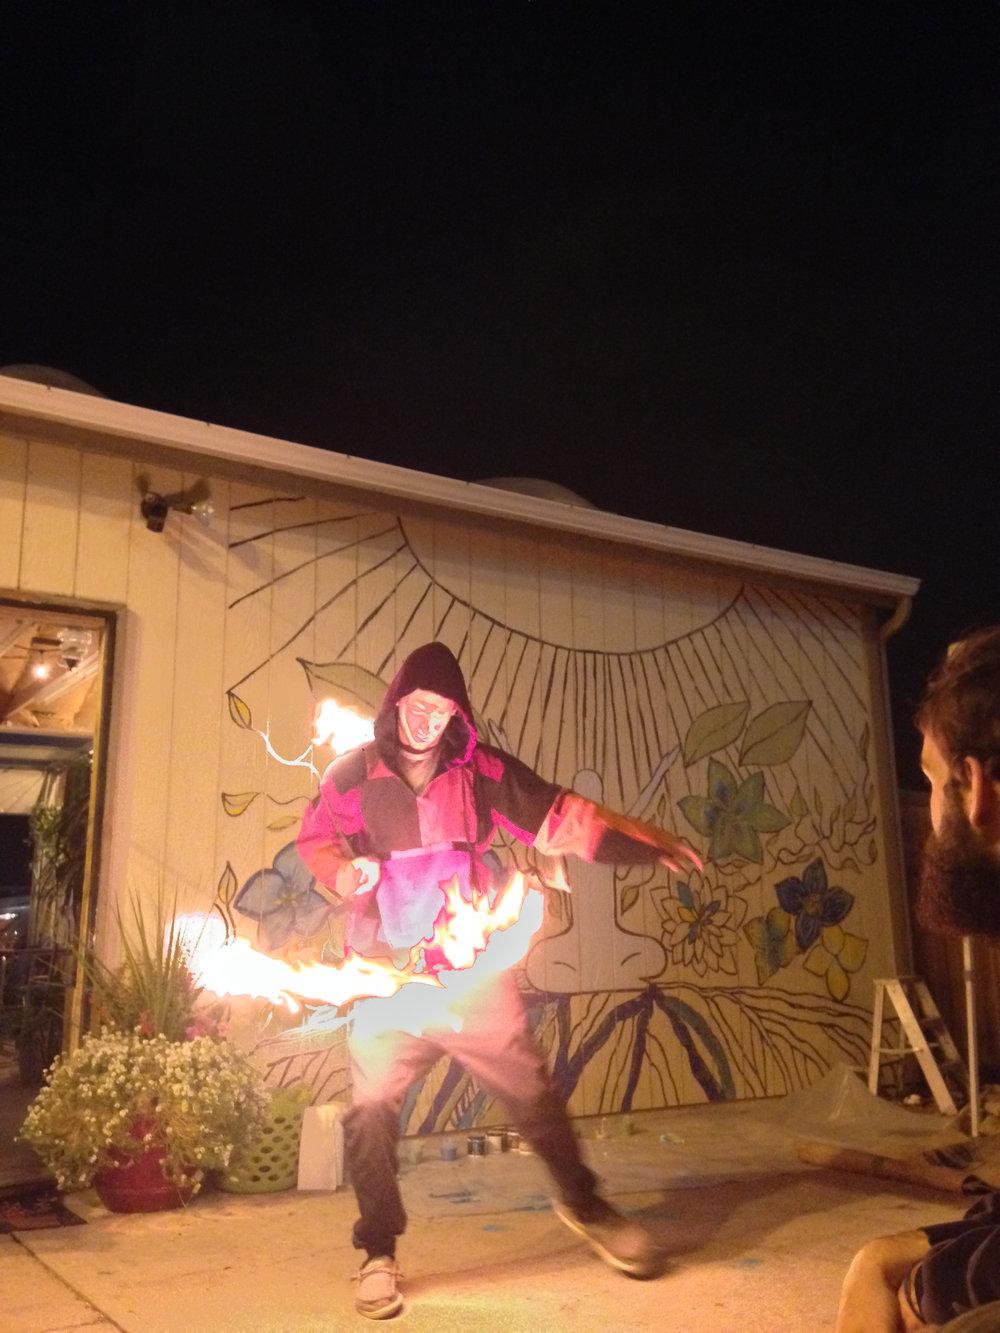 - Cam Goldberg fire dancing (Denver, CO)